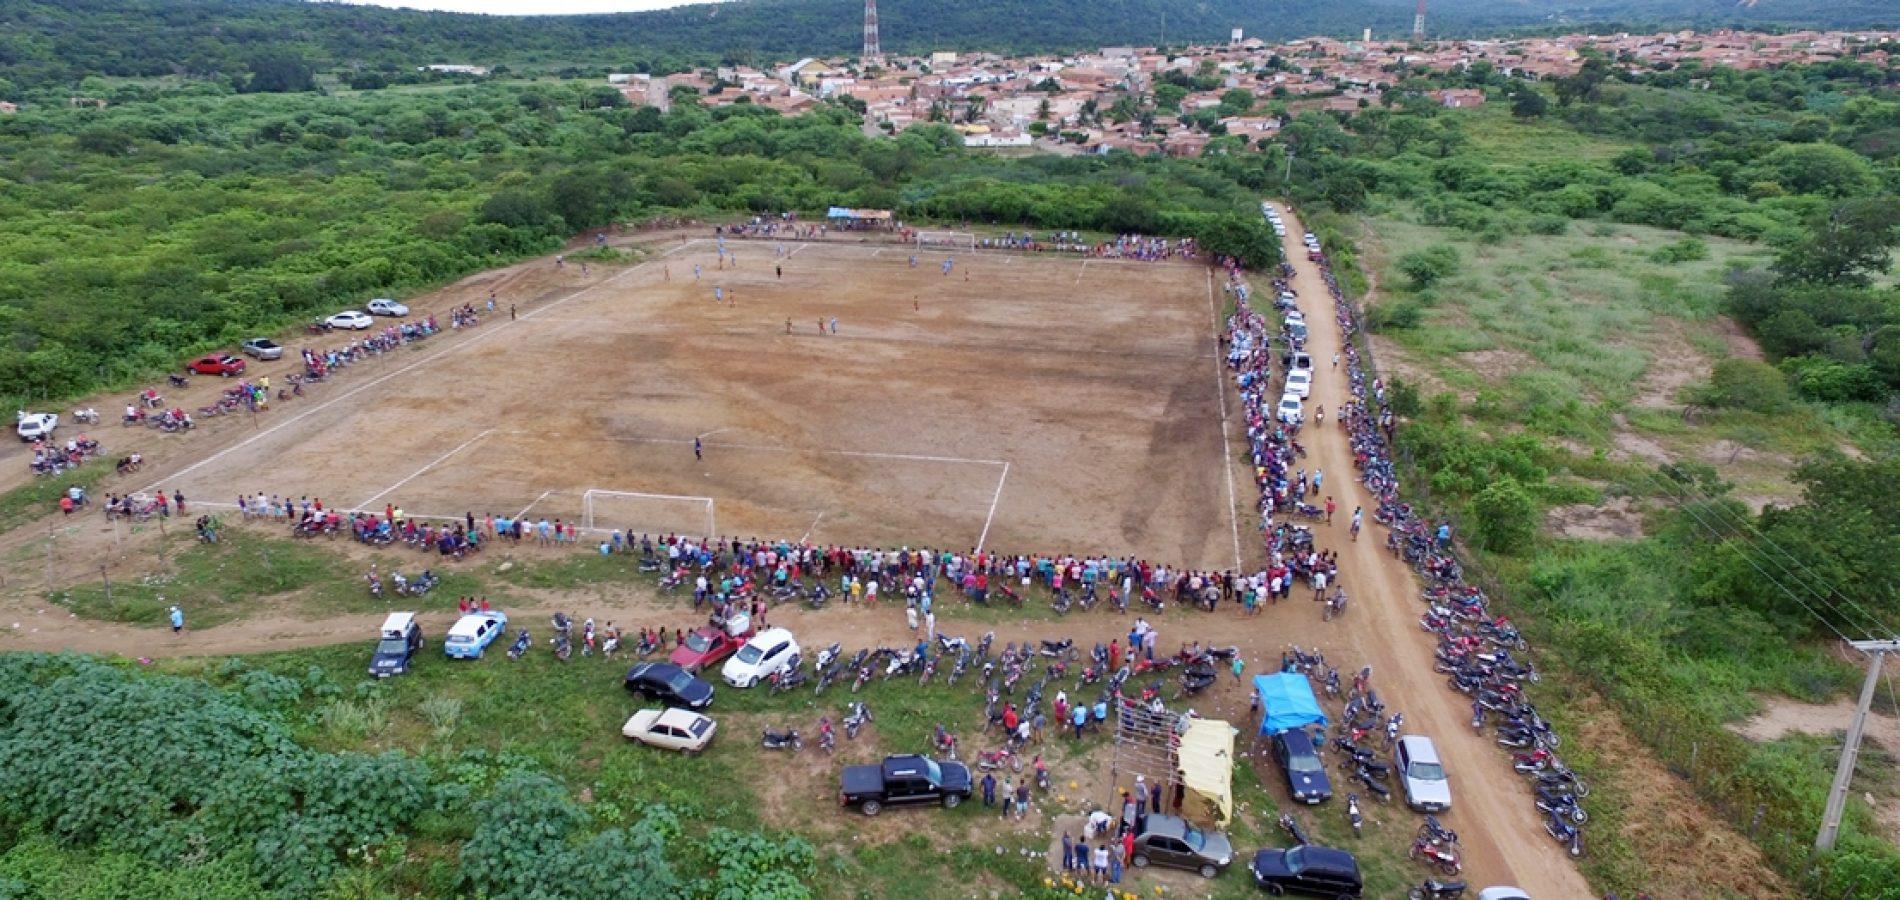 Caldeirão Grande do Piauí Piauí fonte: www.caldeiraograndedopiaui.pi.gov.br